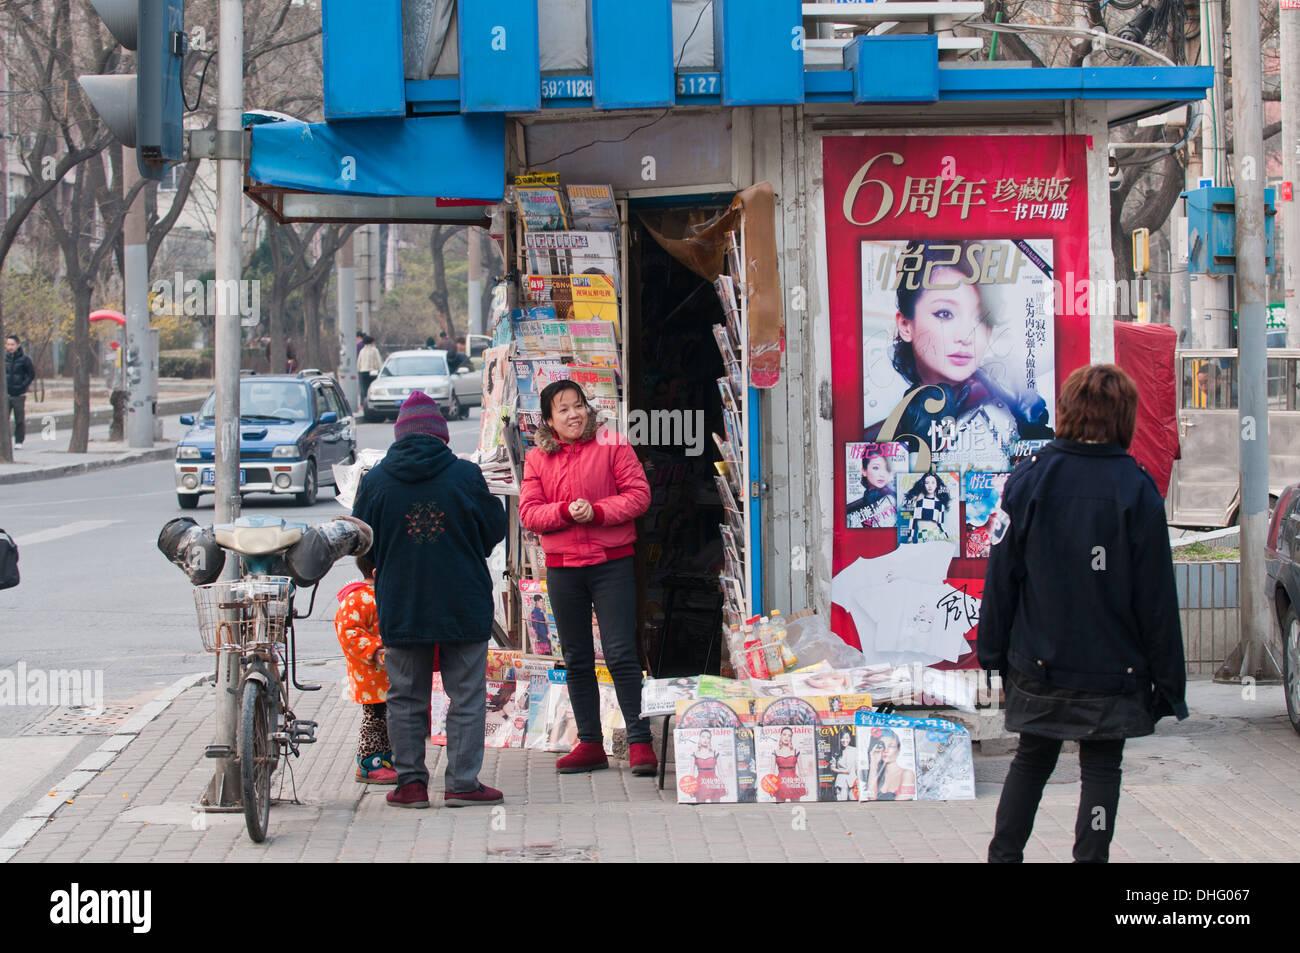 newsstand in Beijing, China Stock Photo